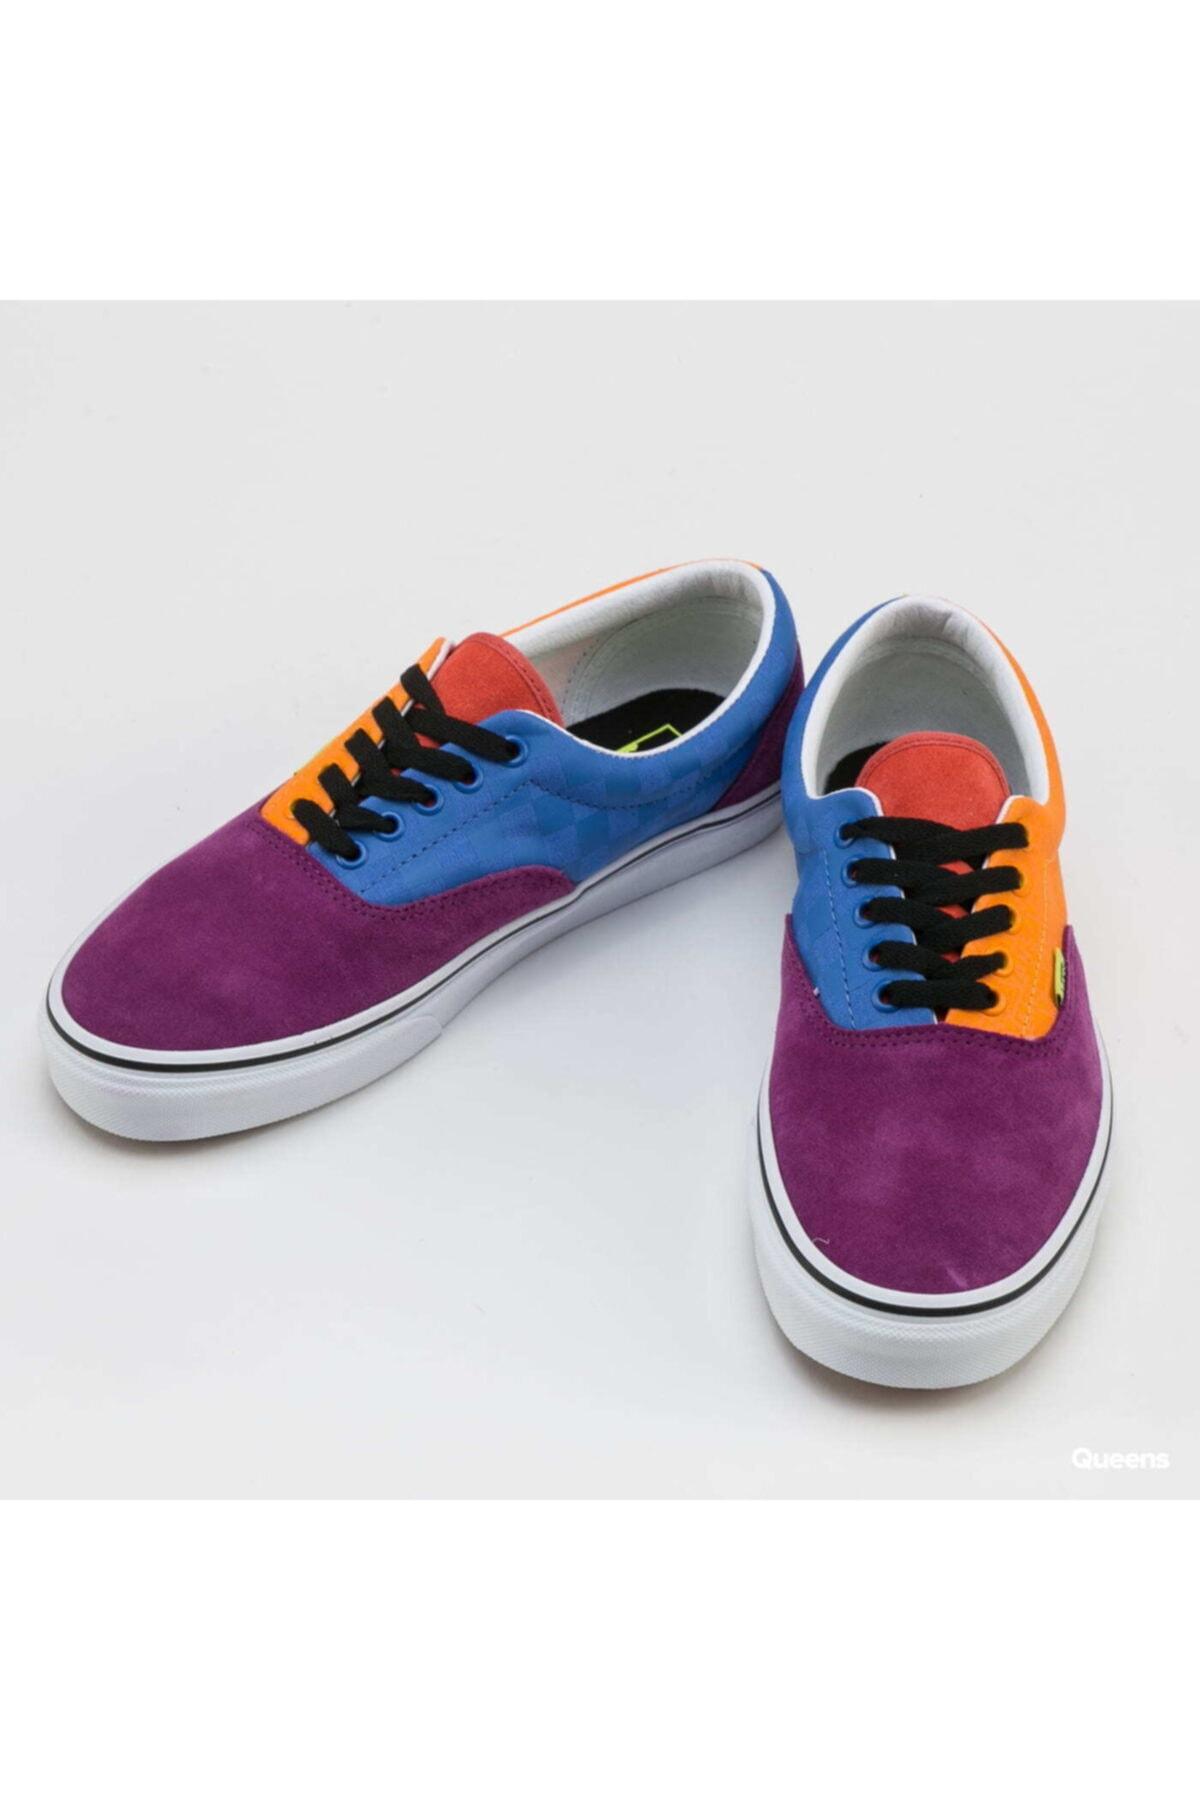 Vans Erkek Mor Sneaker Ayakkabı Vn0a4bv416v1 2